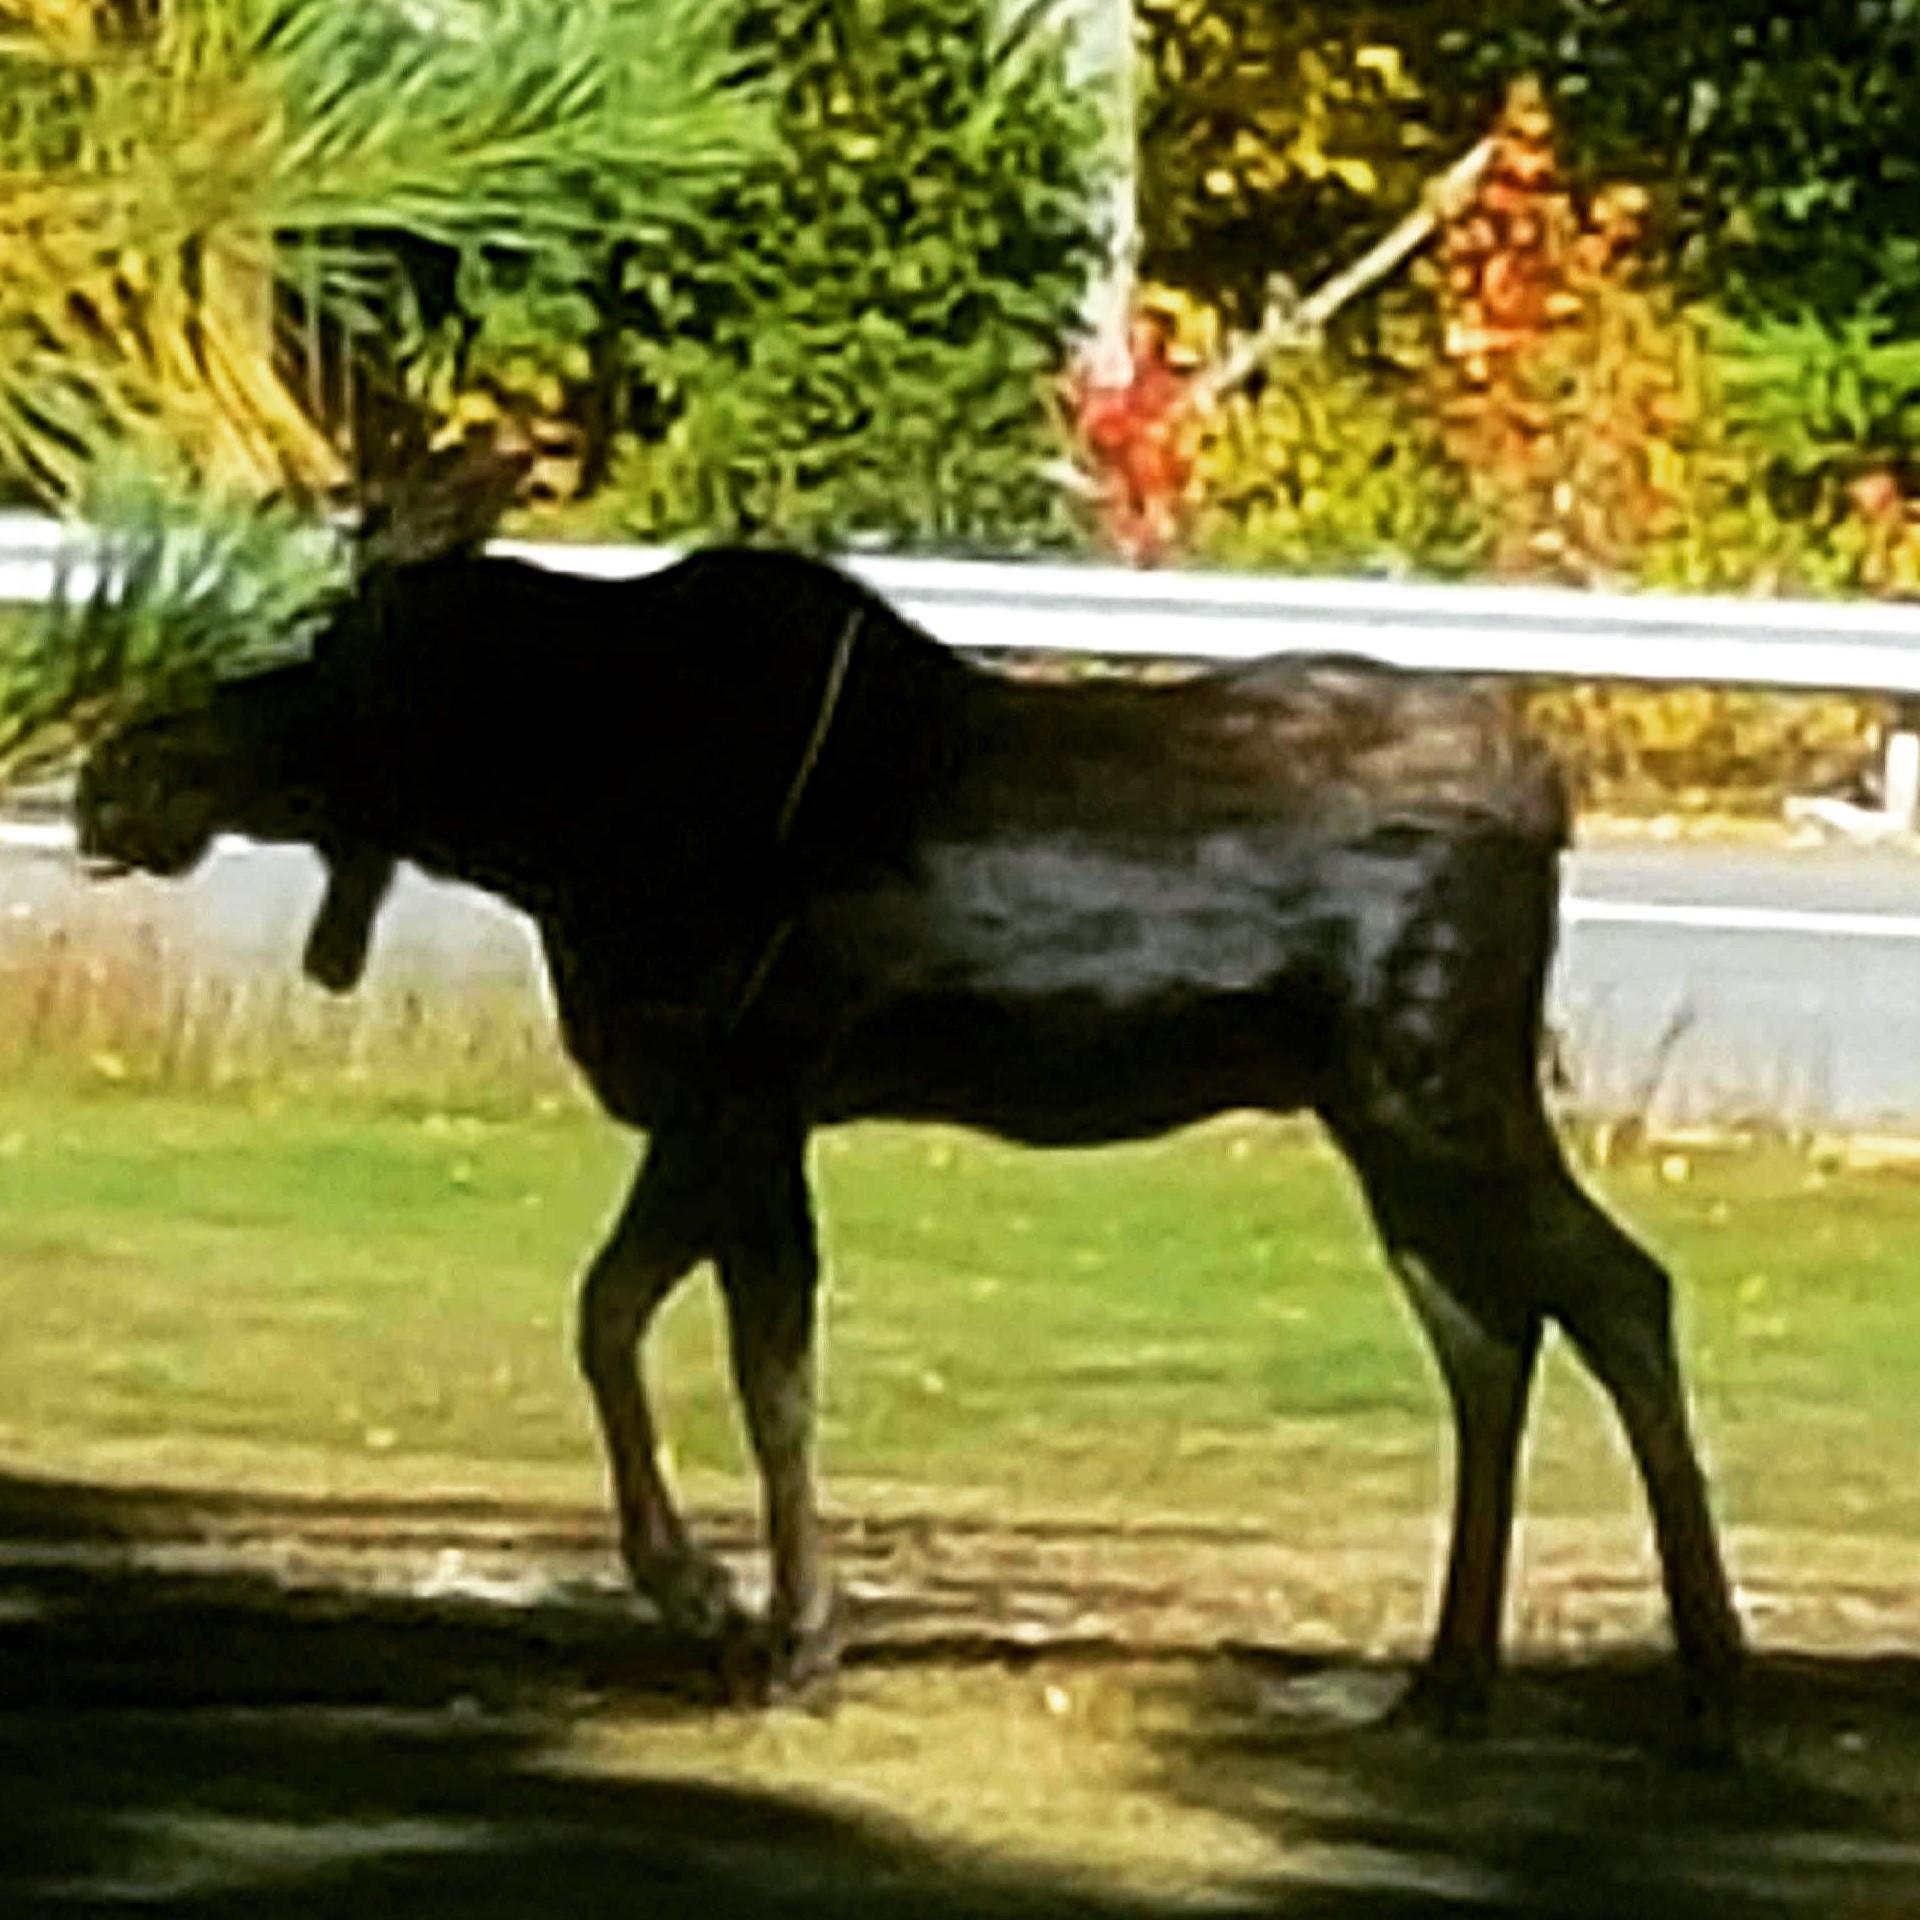 moose visitor adjusted